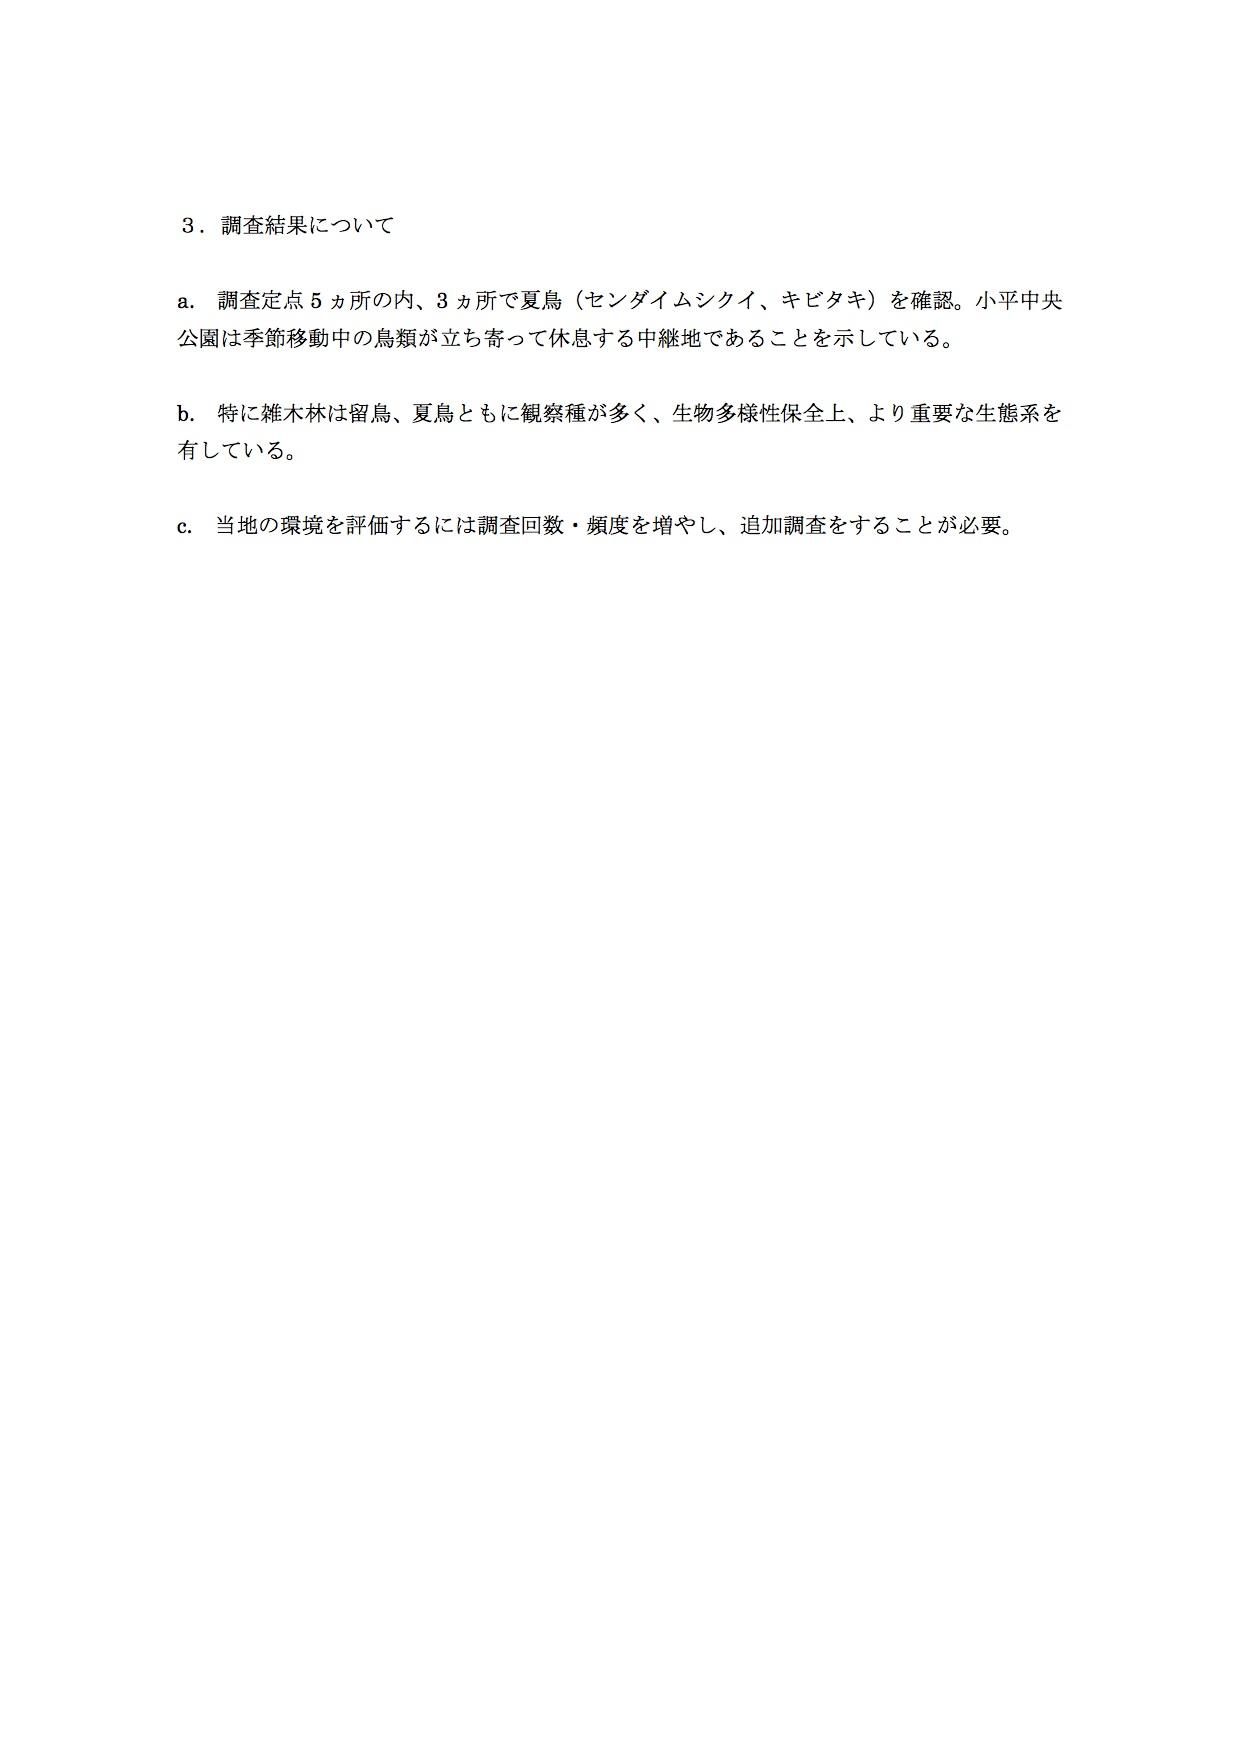 20120430natsudori2